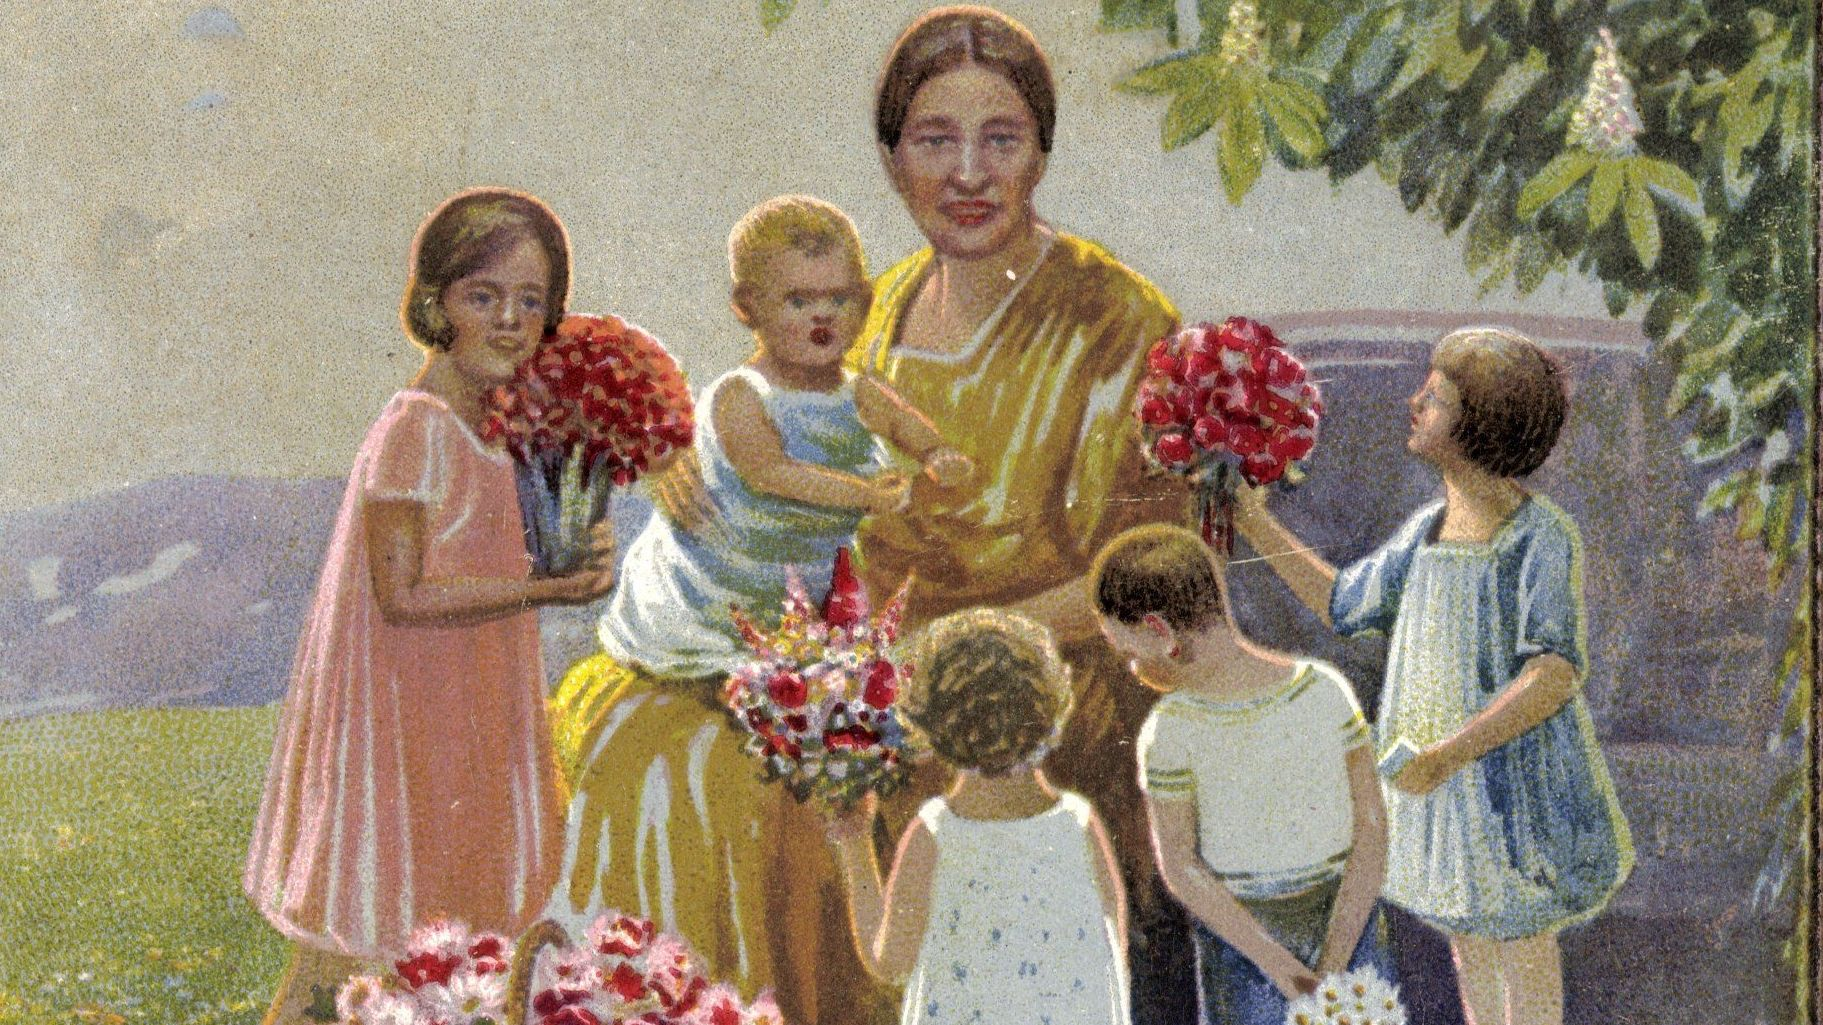 Historische Karte mit einer Mutter und mehreren Kindern mit Blumensträußen